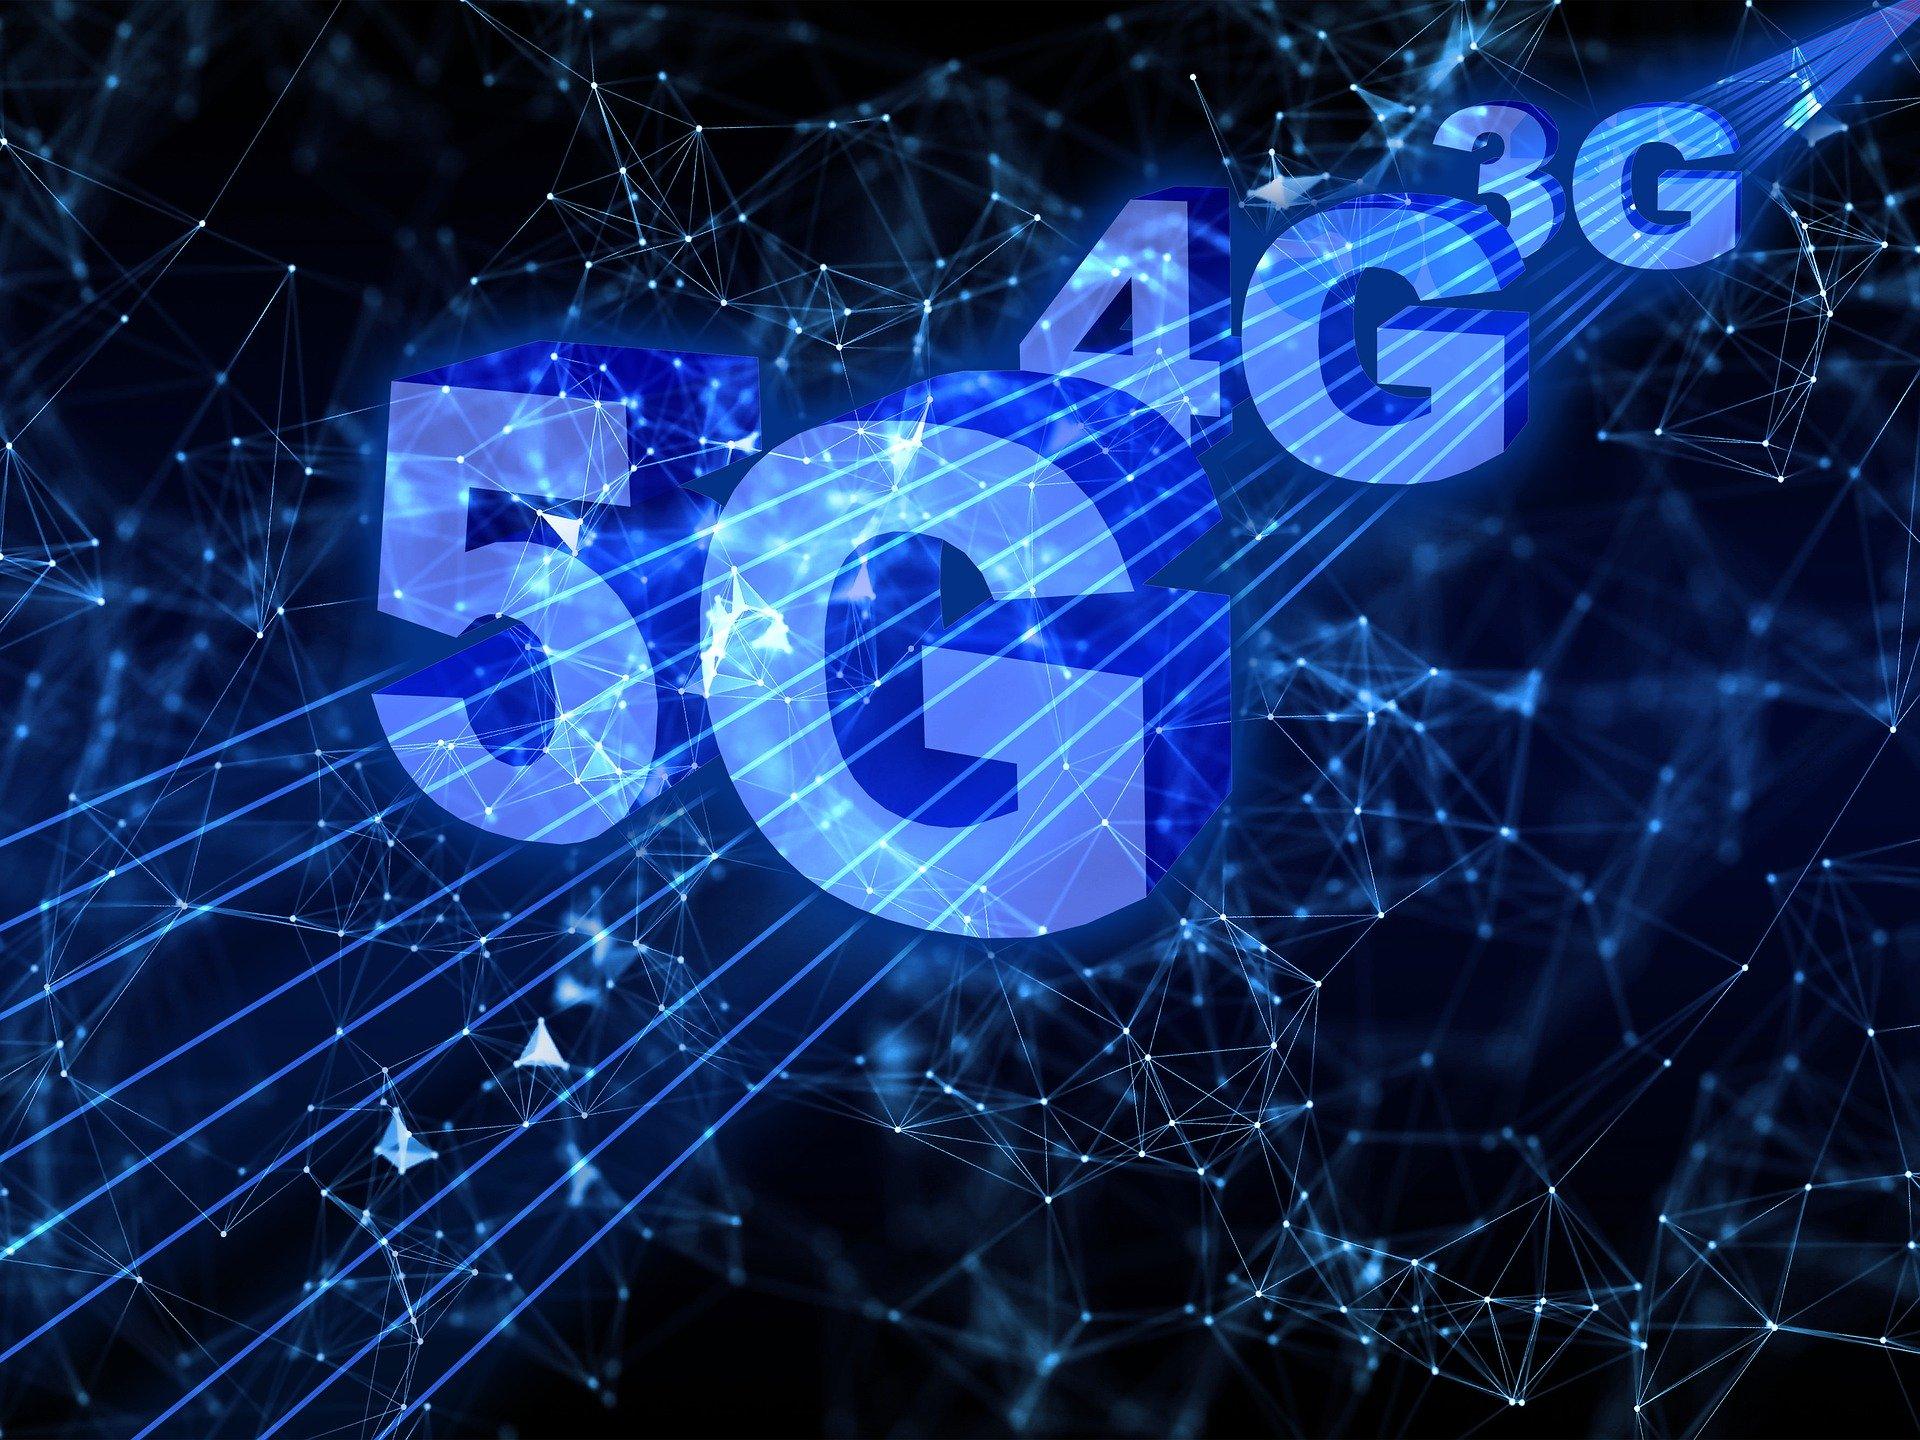 いよいよサービス開始「5G」で何が変わる?今は買い? 4